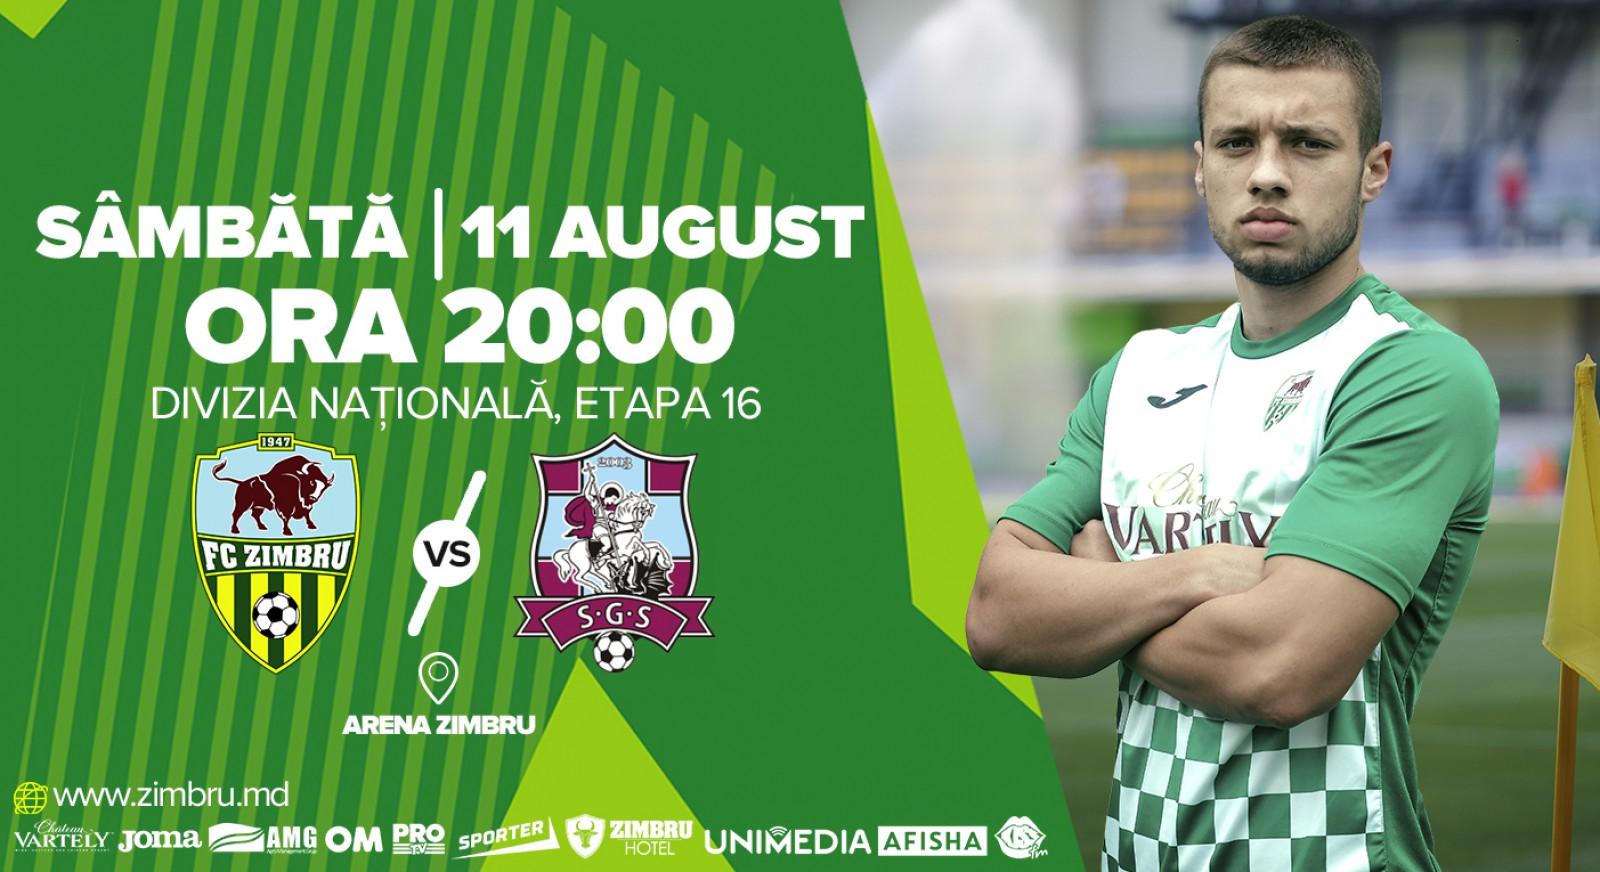 (promo) Sâmbătă se joacă FC Zimbru – FC Sfântul Gheorghe. Galben-verzii învită pe toți la meci